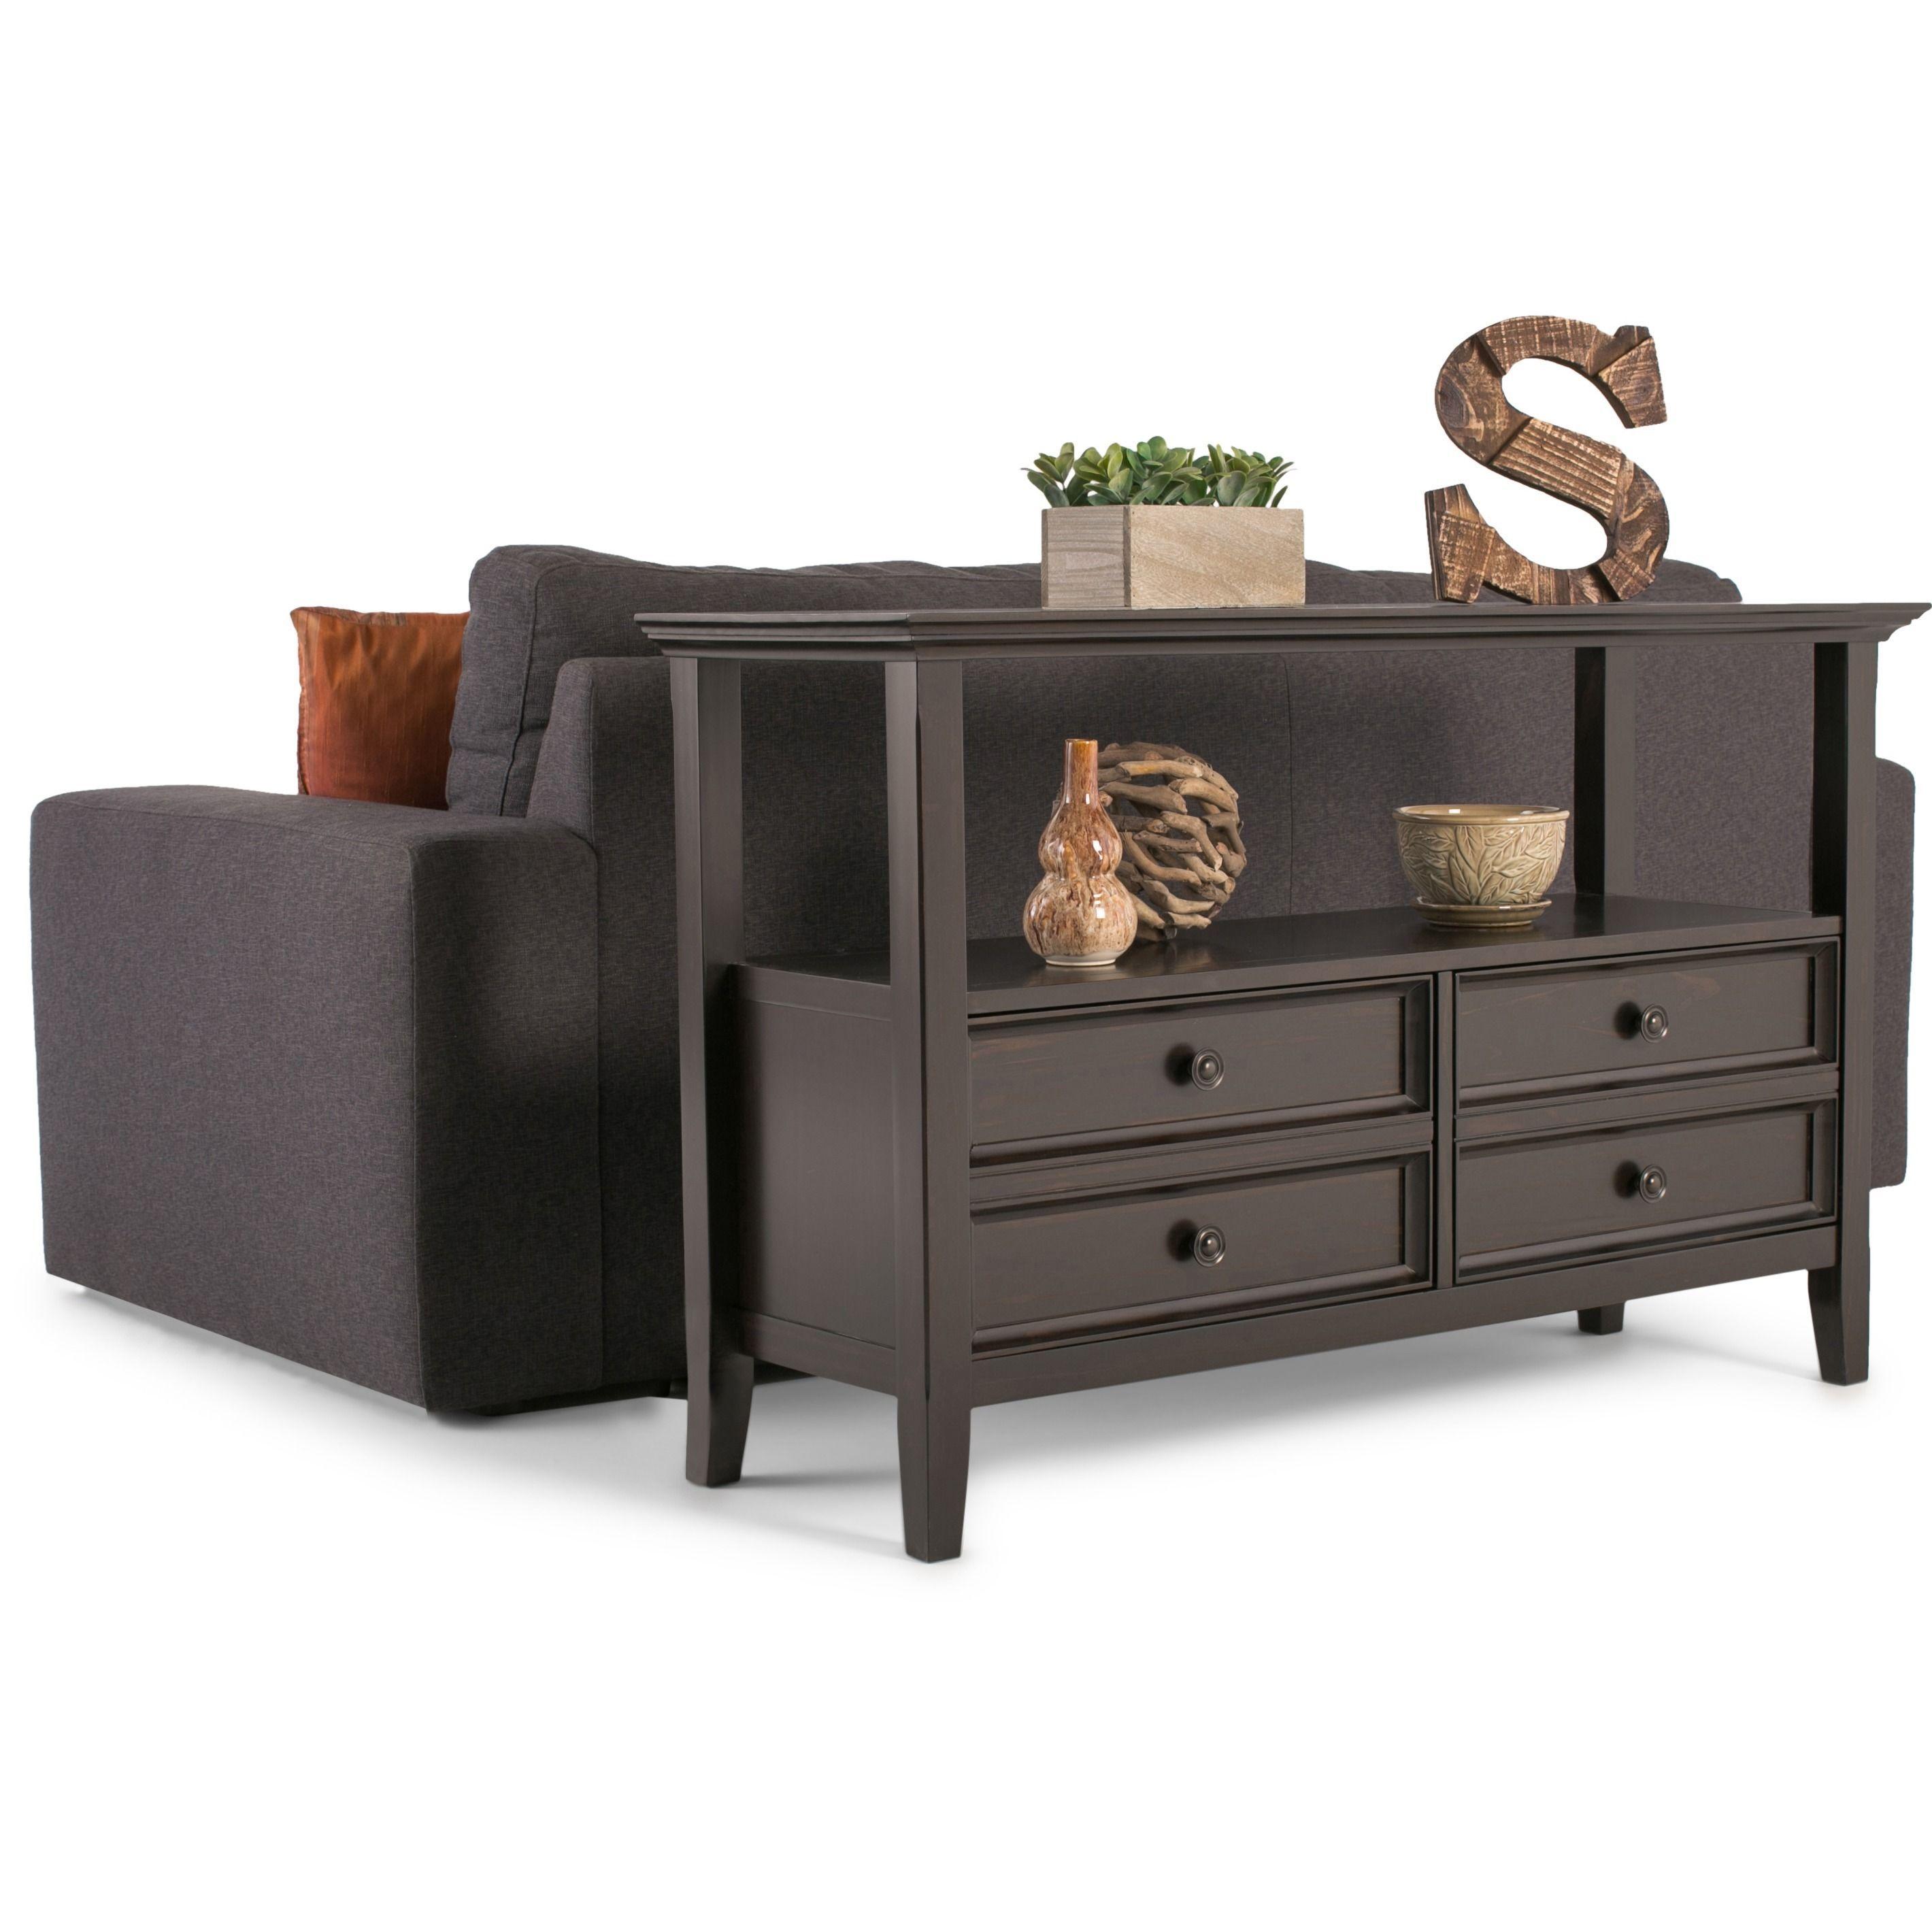 Marvelous Wyndenhall Halifax Console Sofa Table Izzys Apartment Camellatalisay Diy Chair Ideas Camellatalisaycom